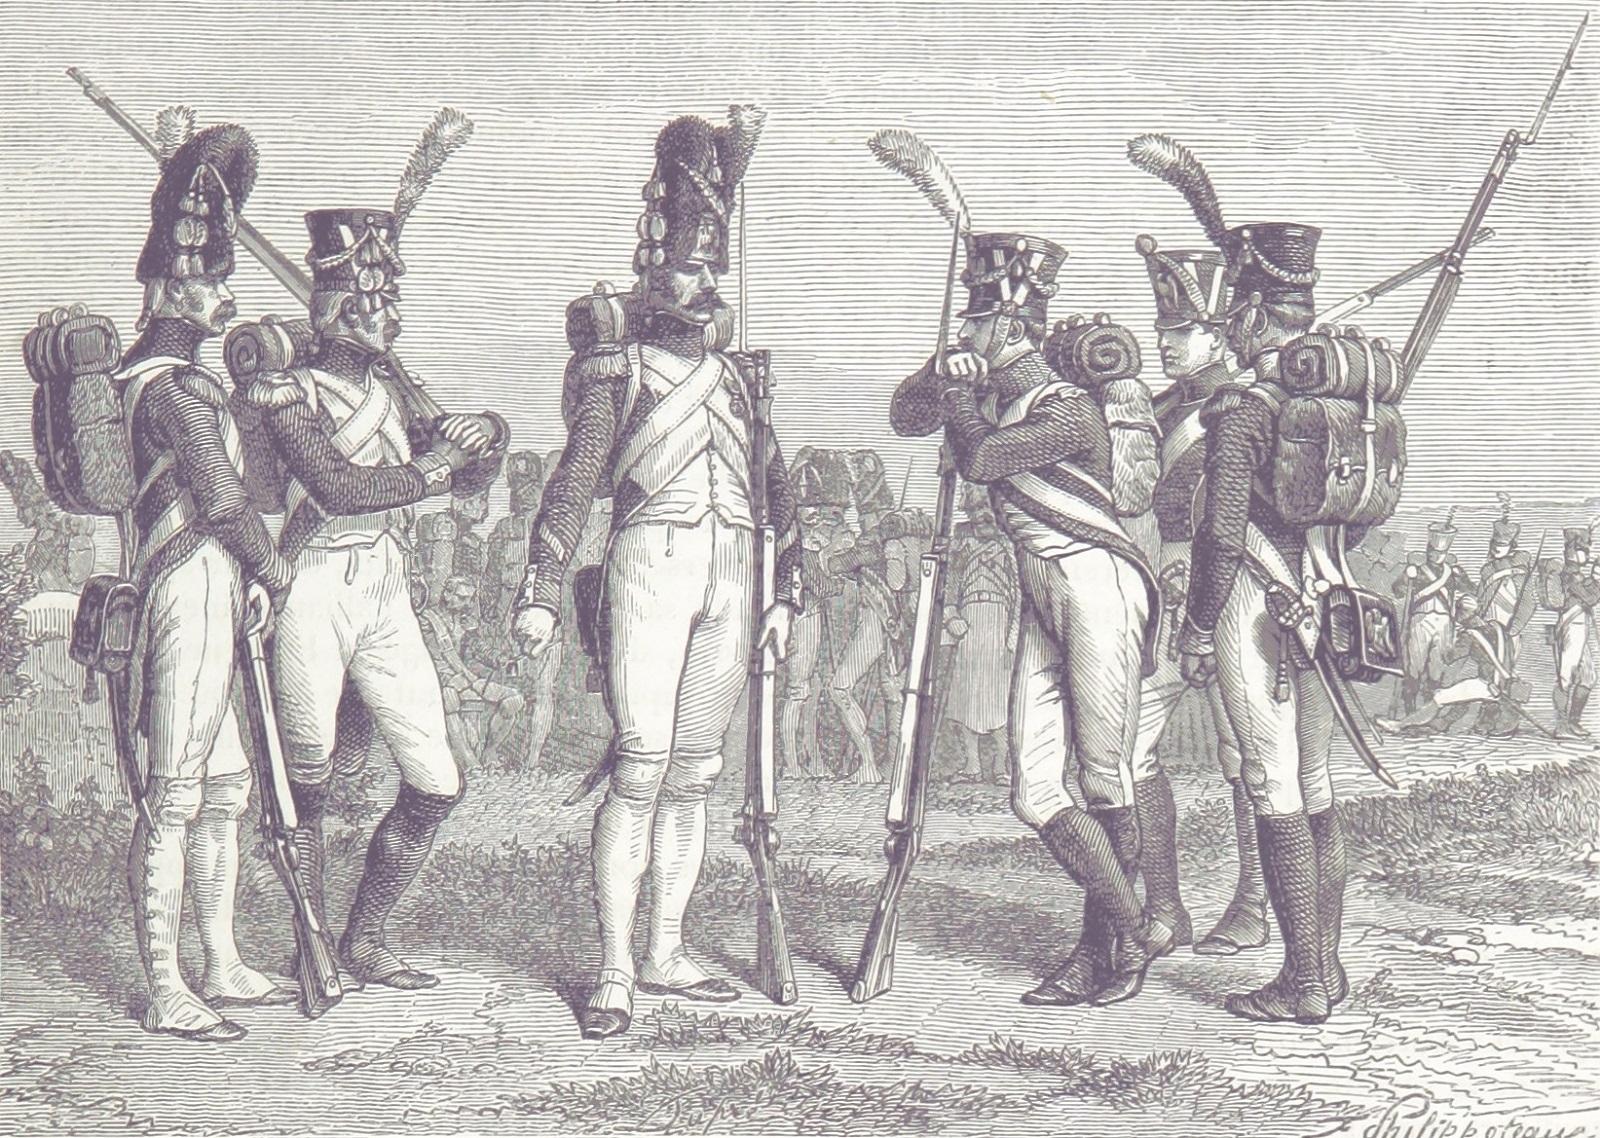 Waterloo - Garde Imperiale